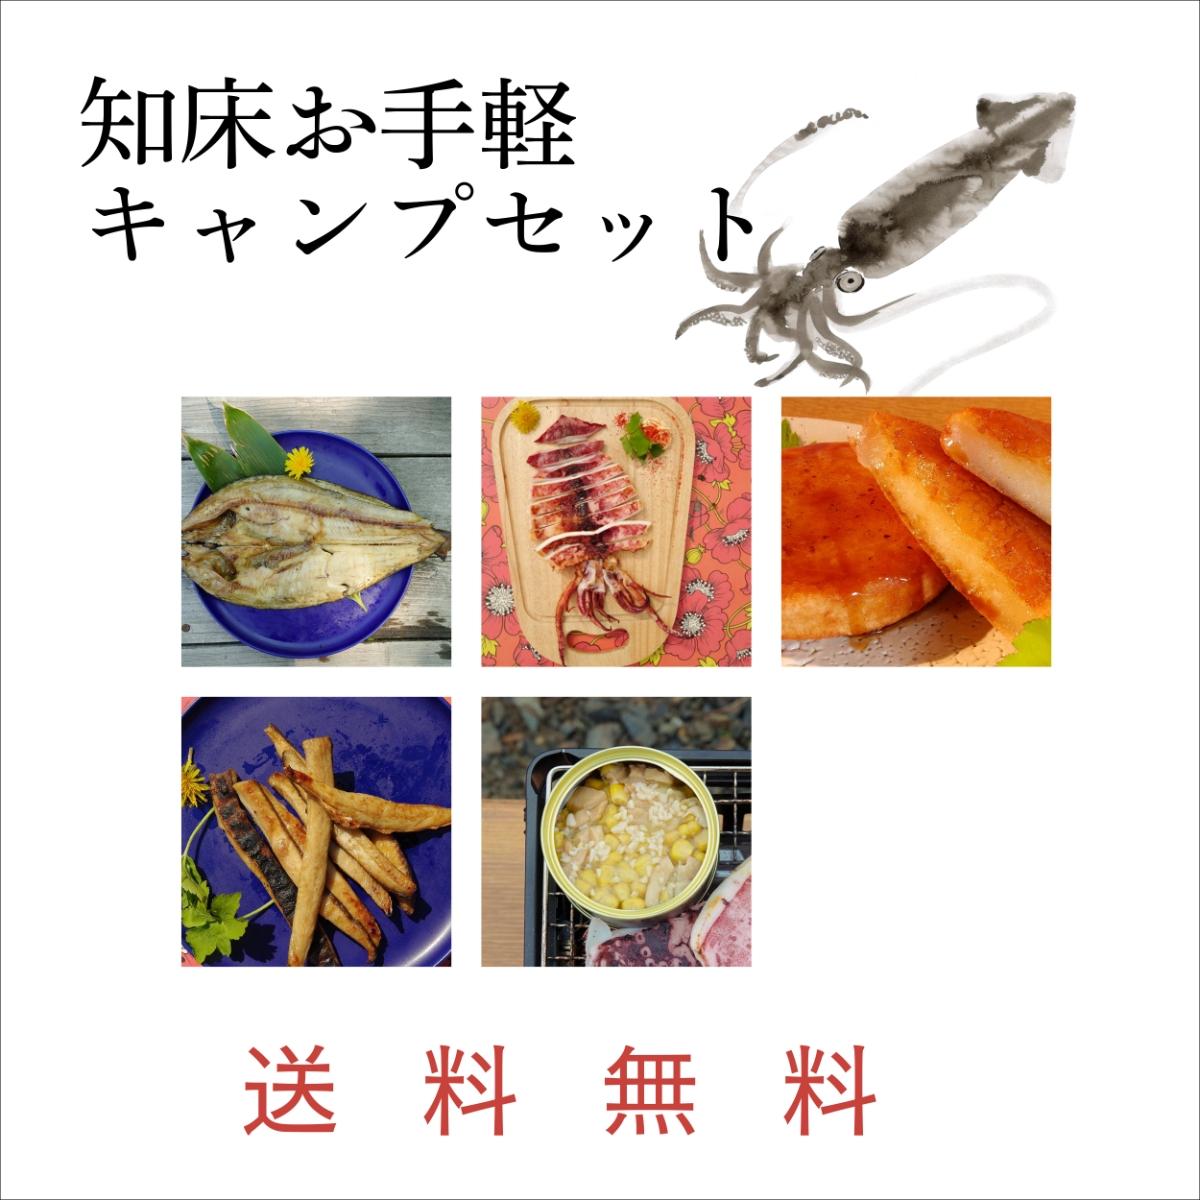 知床お手軽キャンプセット商品画像1